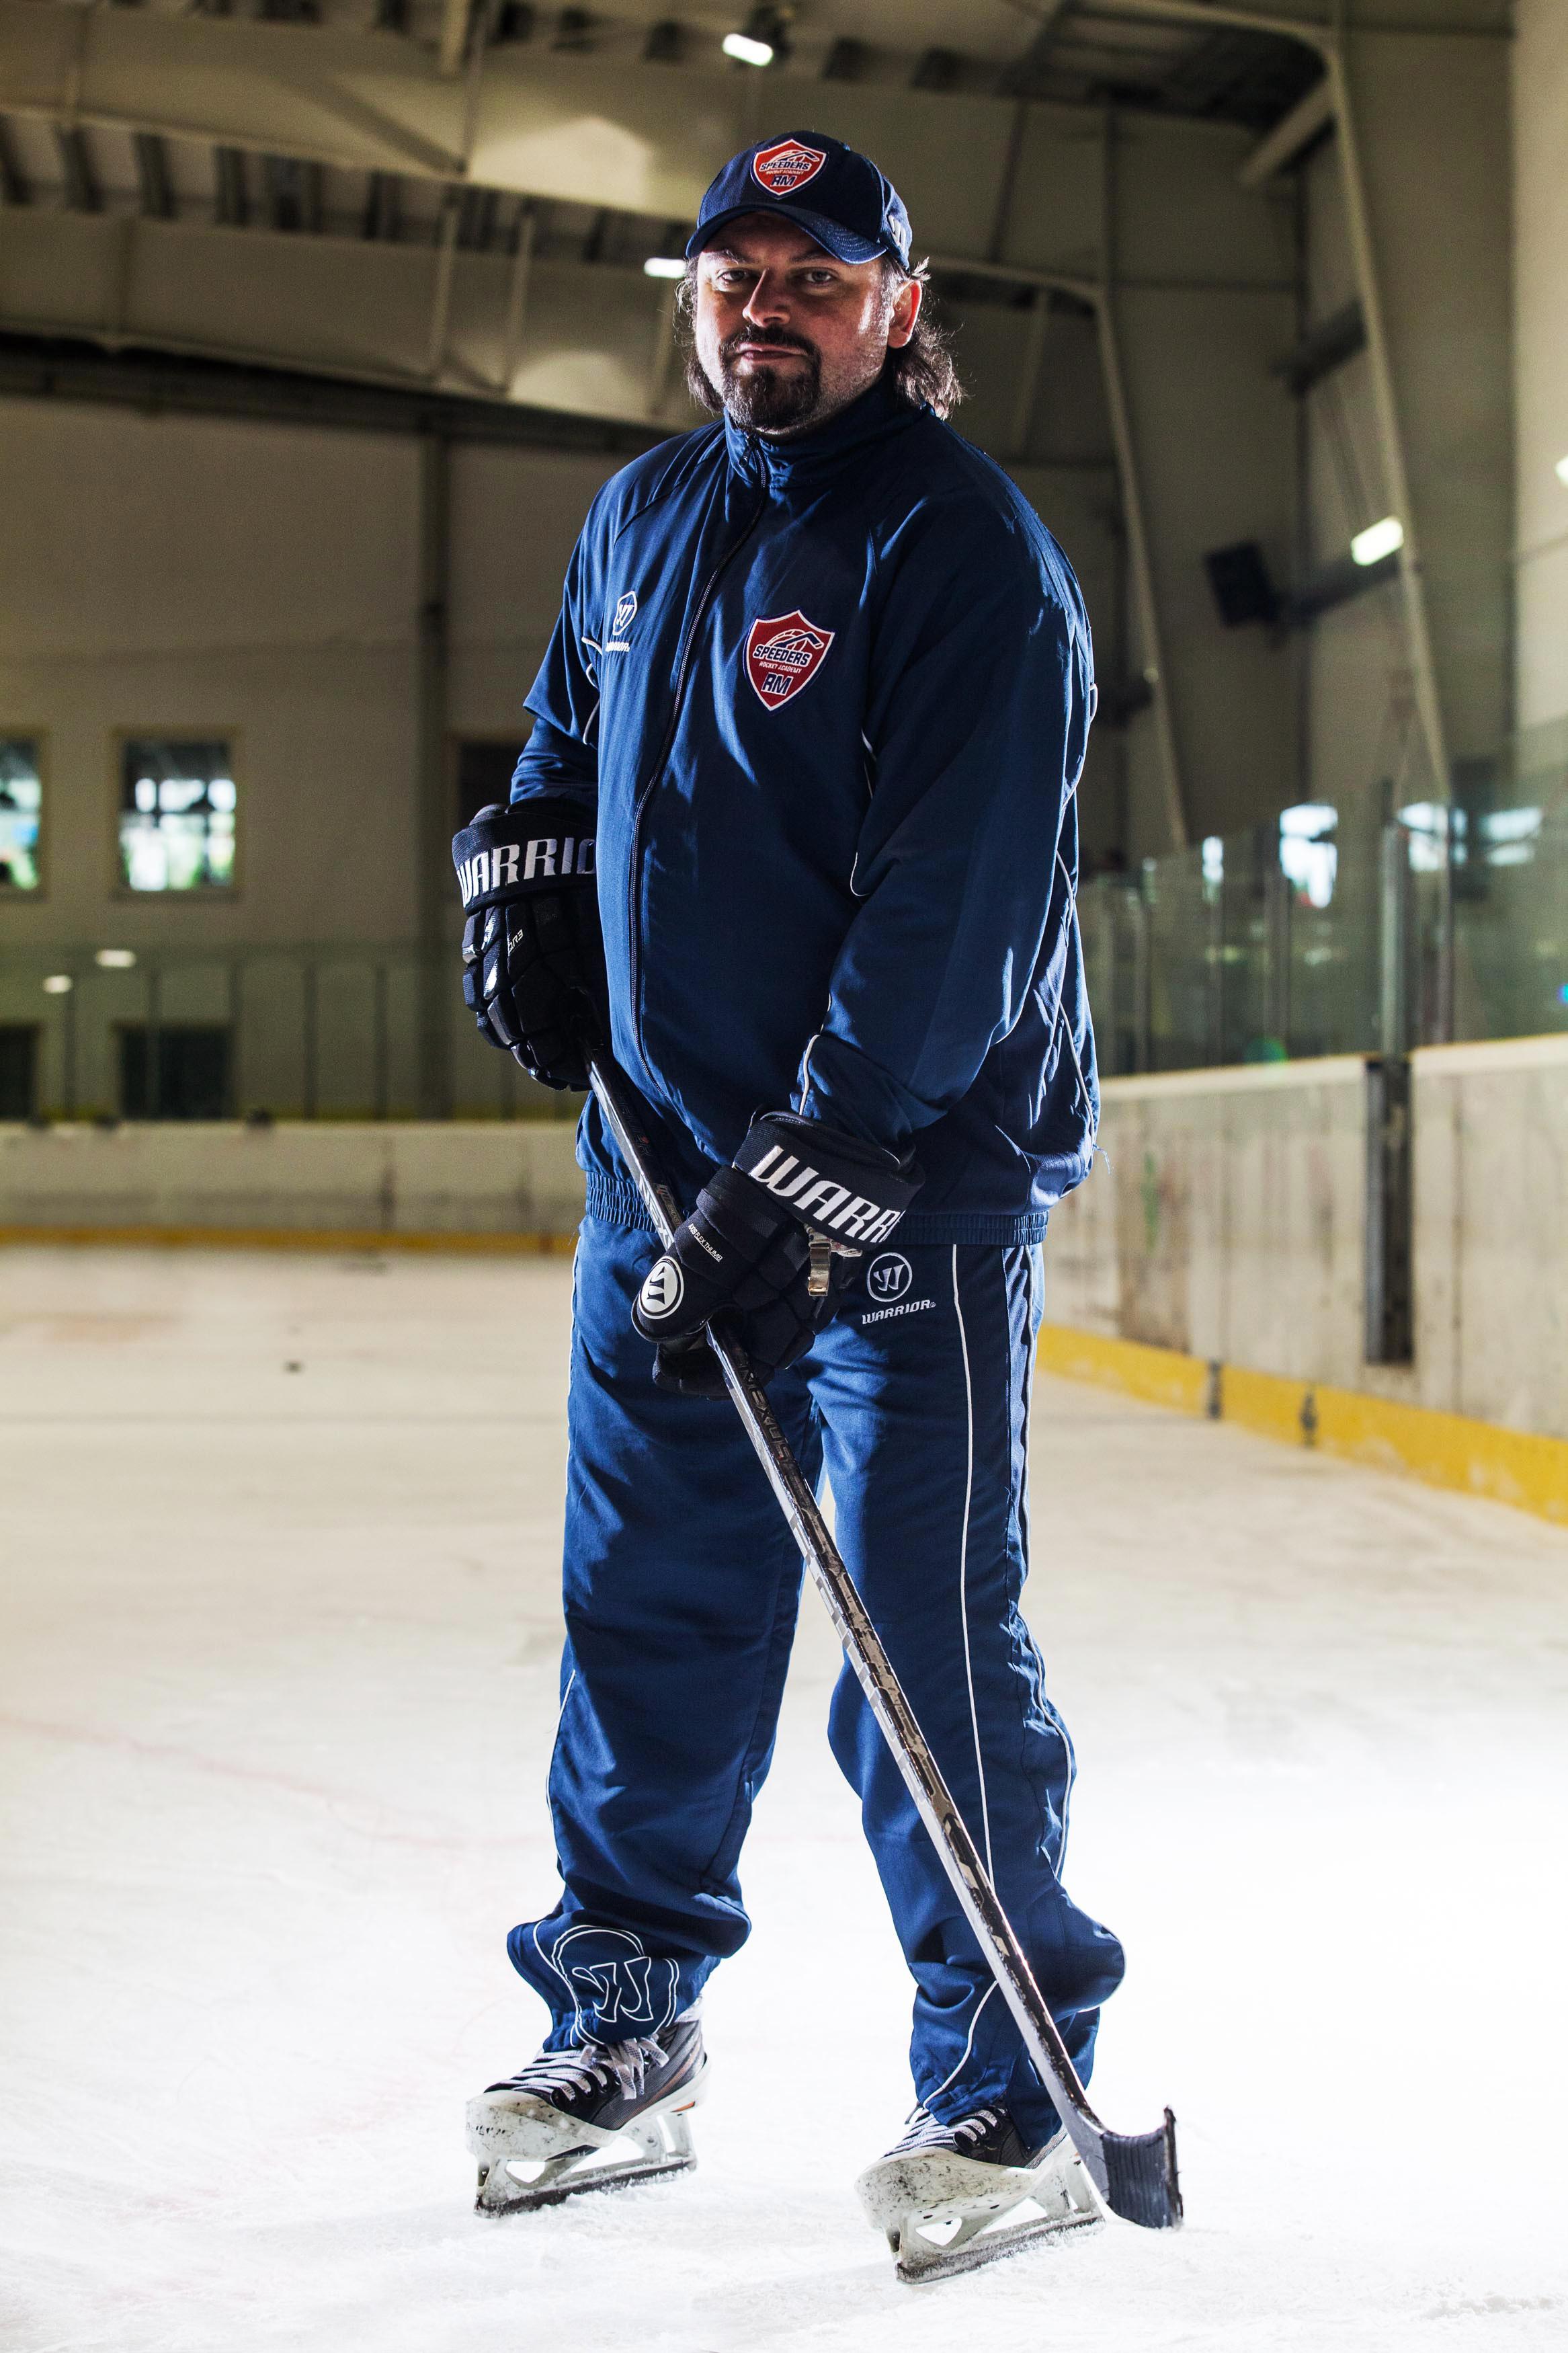 Roman Mega speeders bratislava trener hokejovy postoj